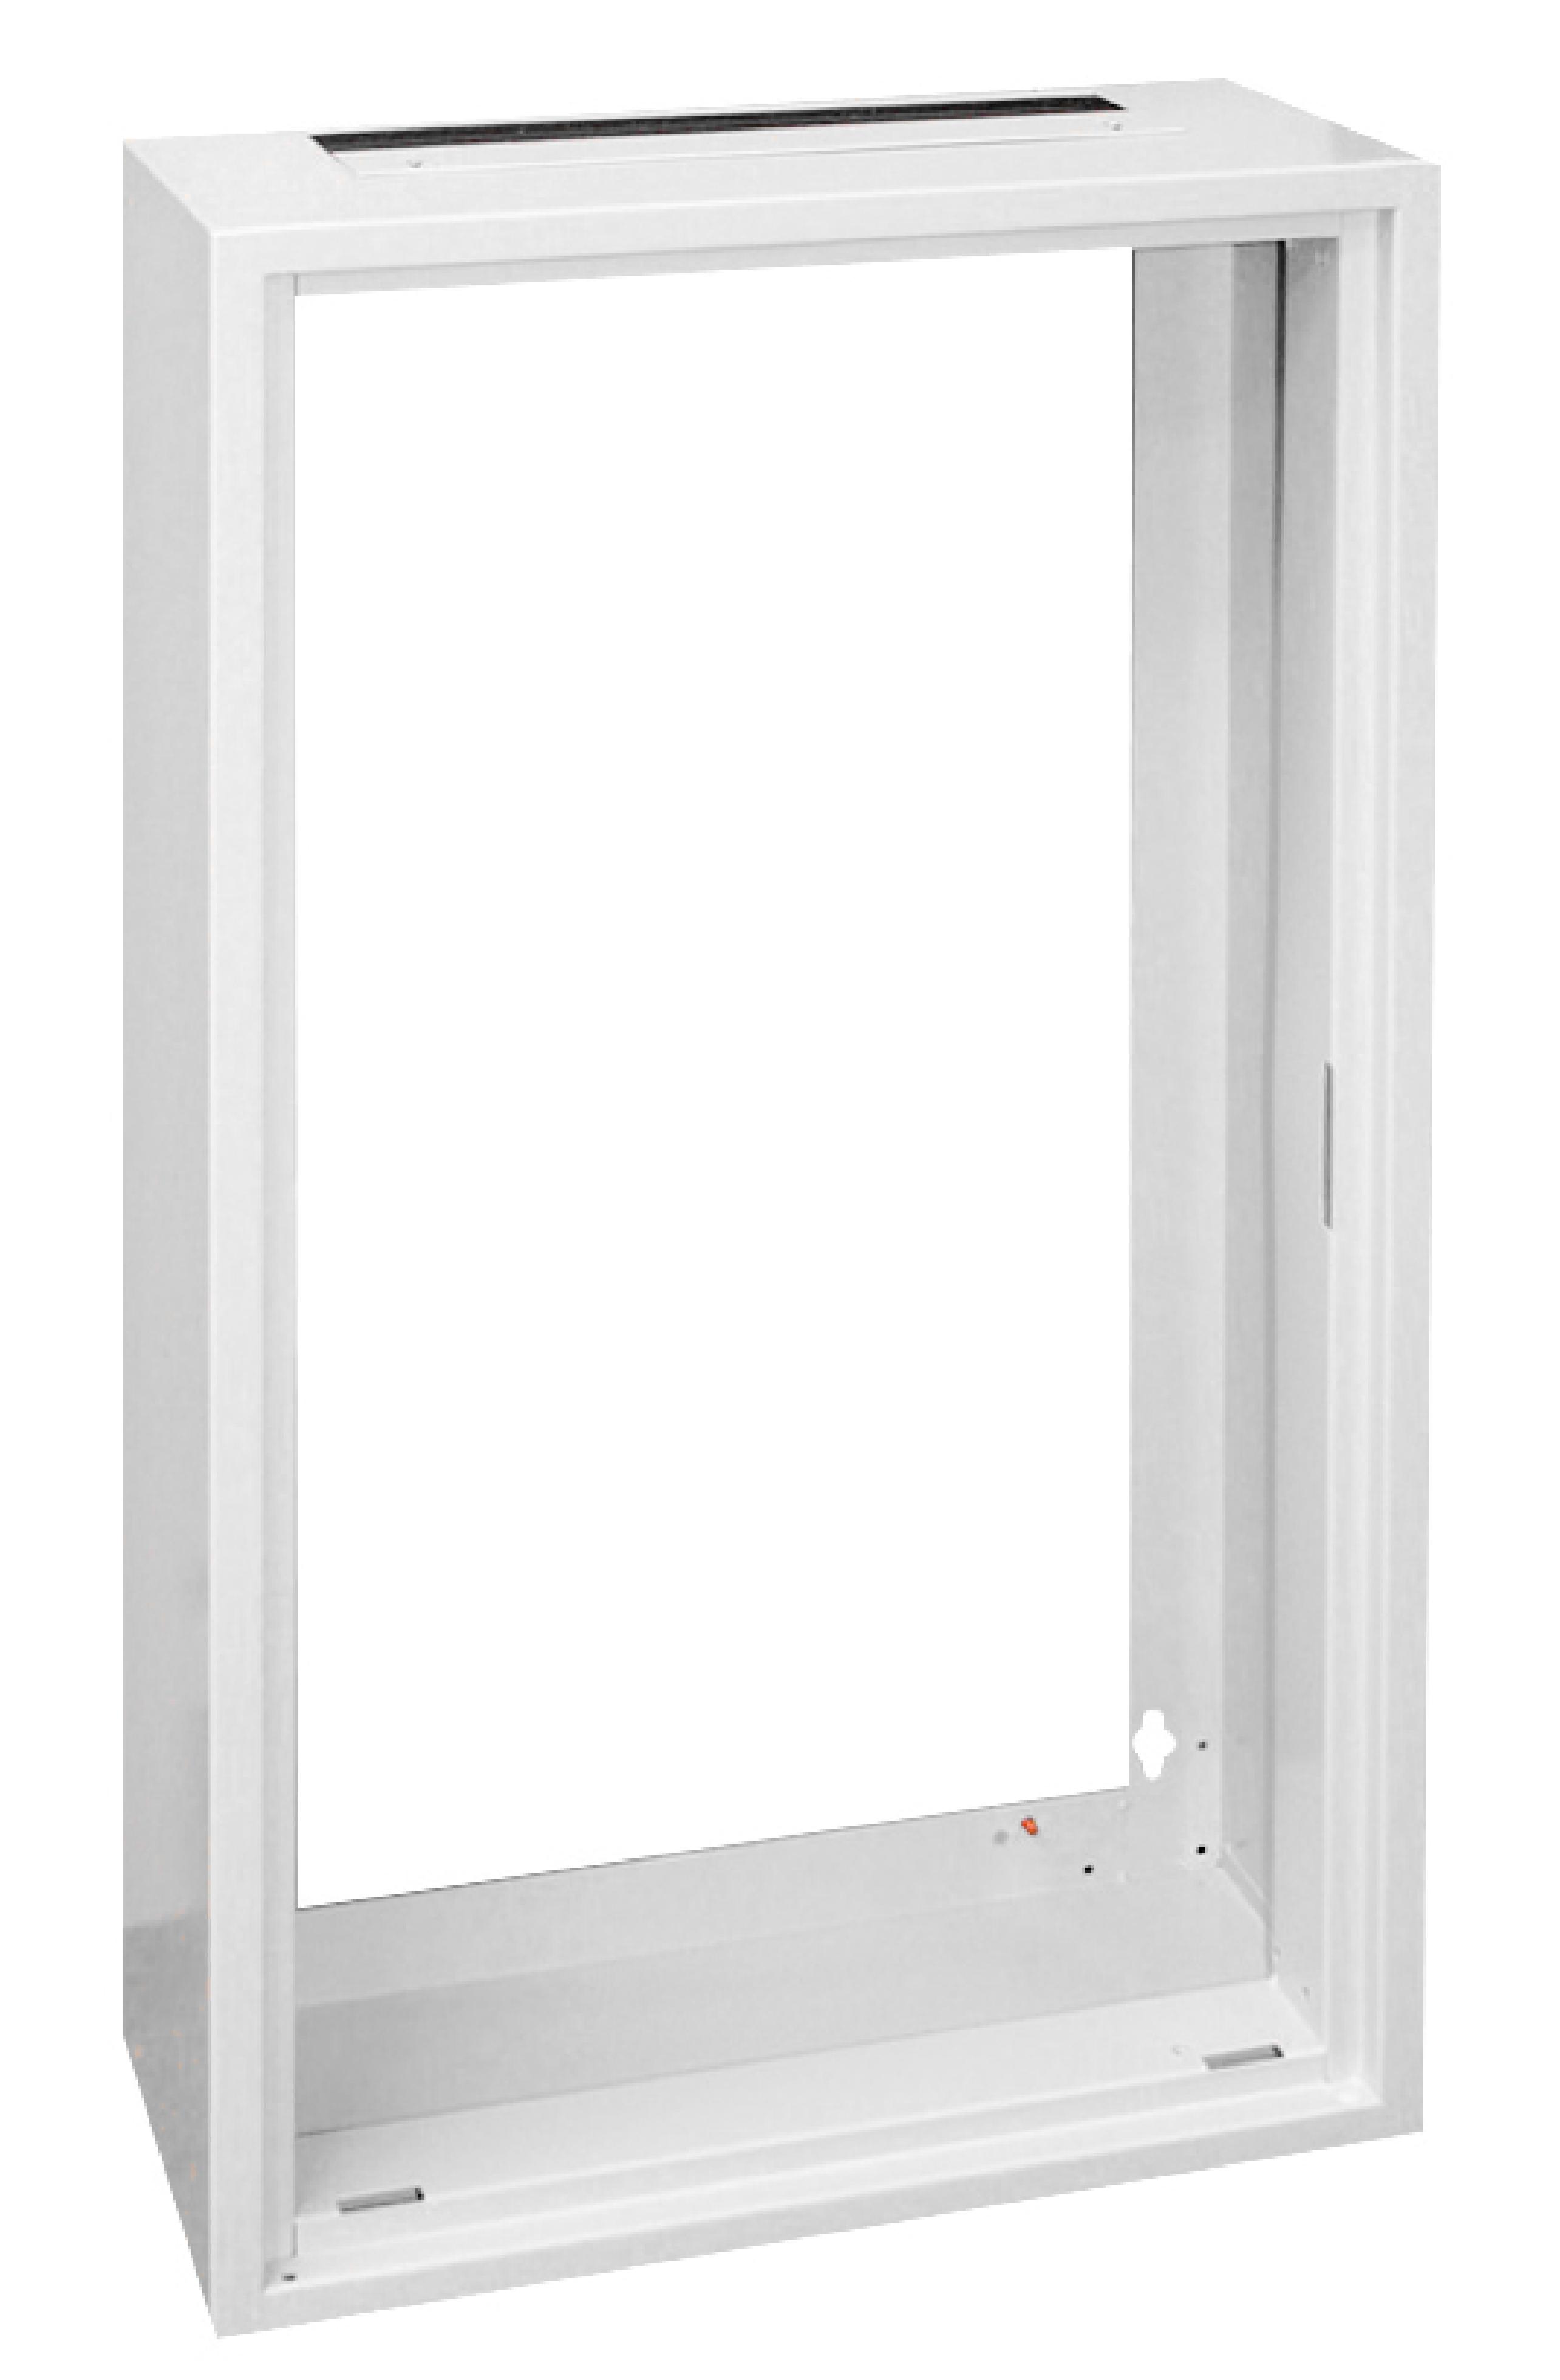 1 Stk AP-Rahmen ohne Türe und Rückwand 4A-39, H1885B1030T250mm IL001439-F